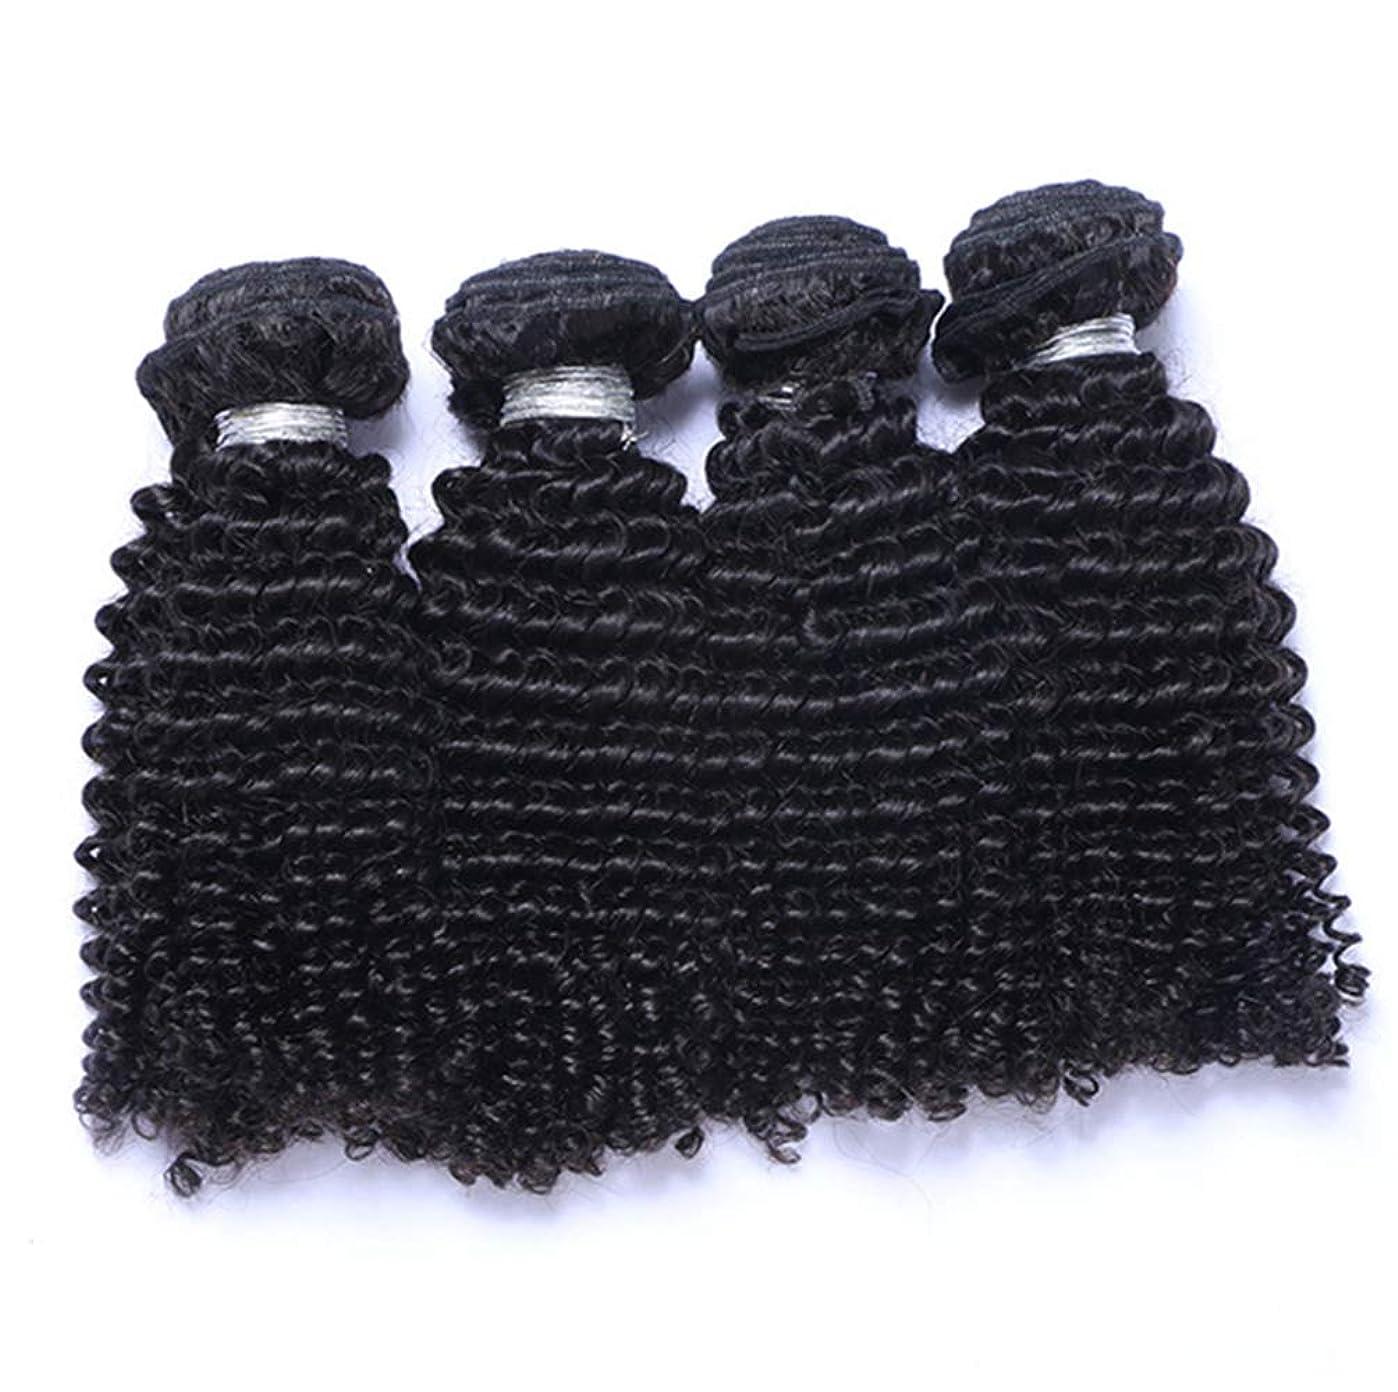 ハイランドおっと中国髪織り未処理ブラジルディープカーリーヘアバンドル本物の人間の髪バンドルバージンブラジル髪バンドル1ピース/パックナチュラルカラー